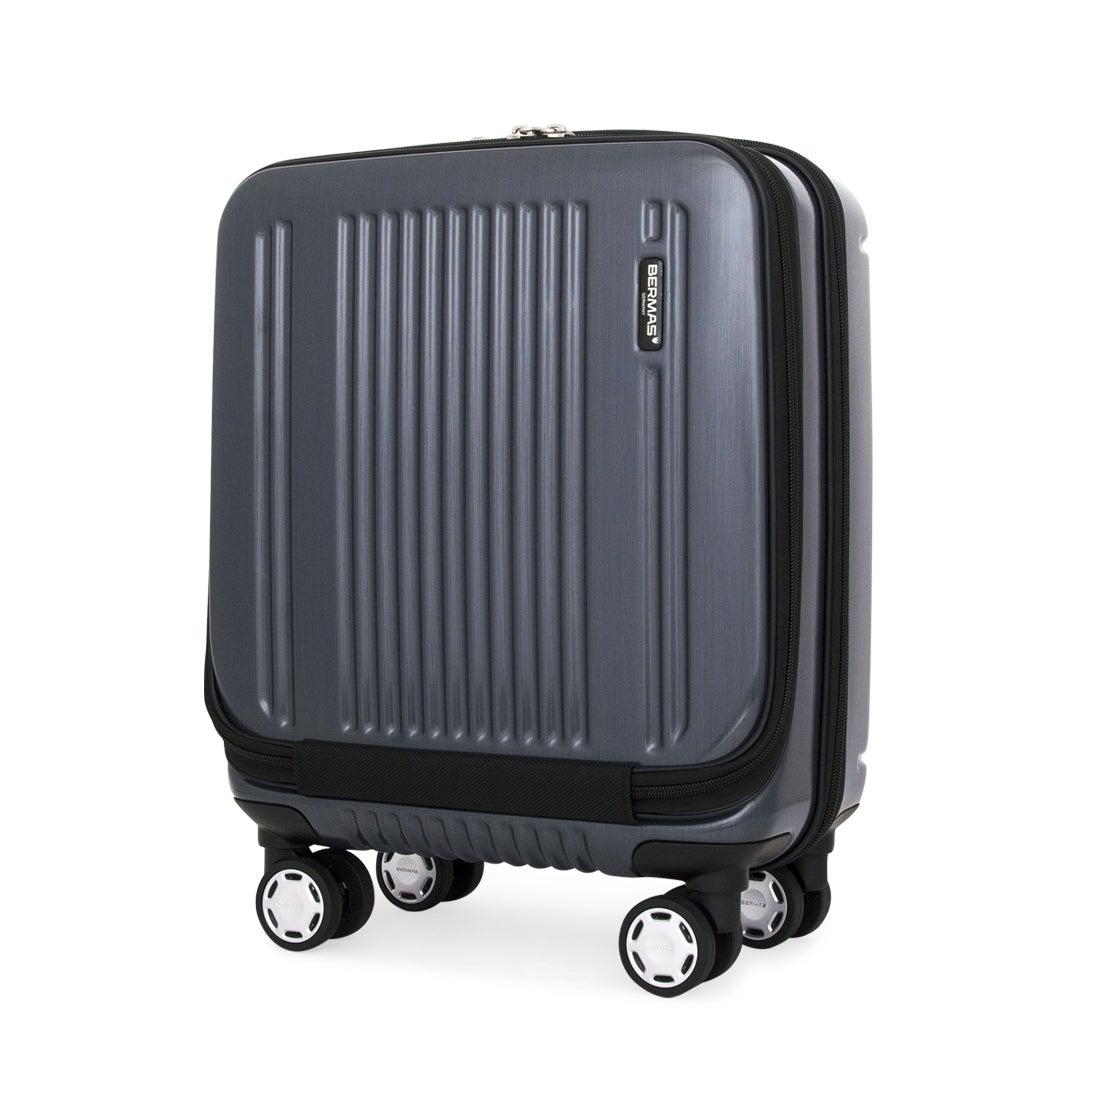 ロコンド 靴とファッションの通販サイト【SAC'SBAR】バーマスBERMASスーツケース6025538cmプレステージ2【60】ネイビー